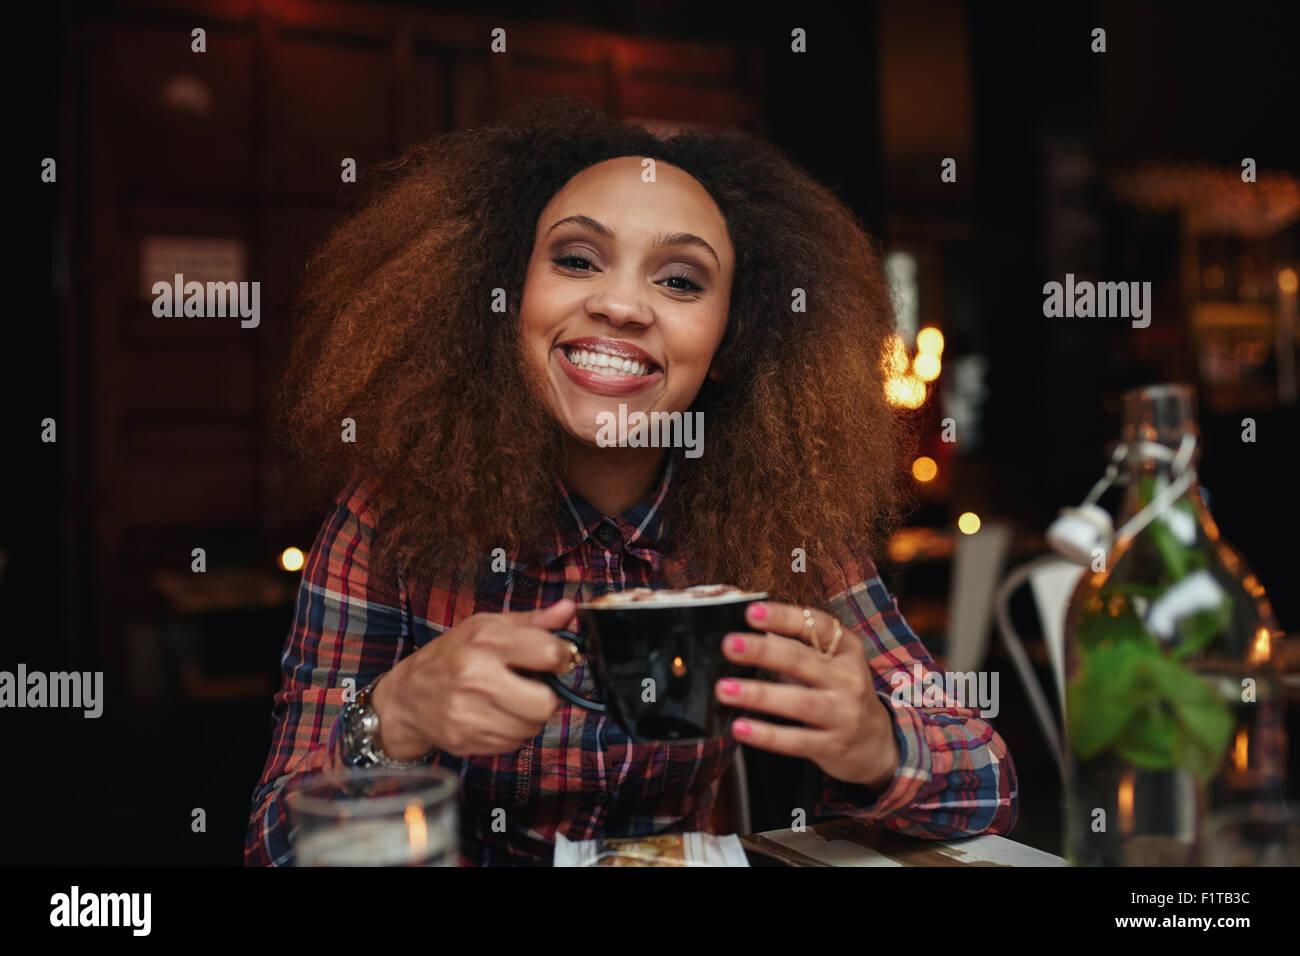 Portrait de jeune femme de boire du café. African woman sitting at cafe tenant une tasse de café, souriant. Photo Stock